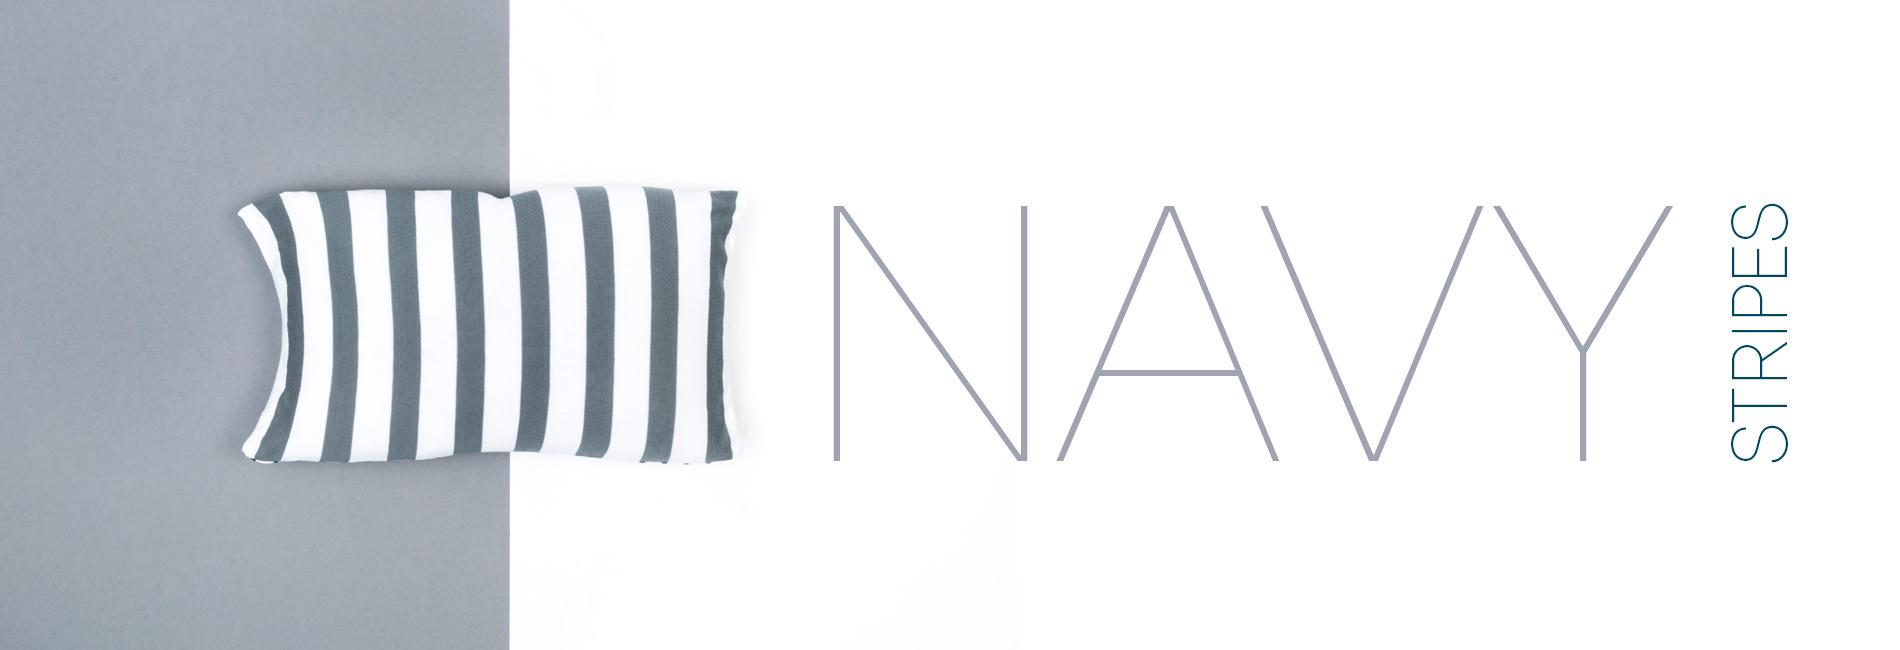 NAVY-STRIPES_SLIDER